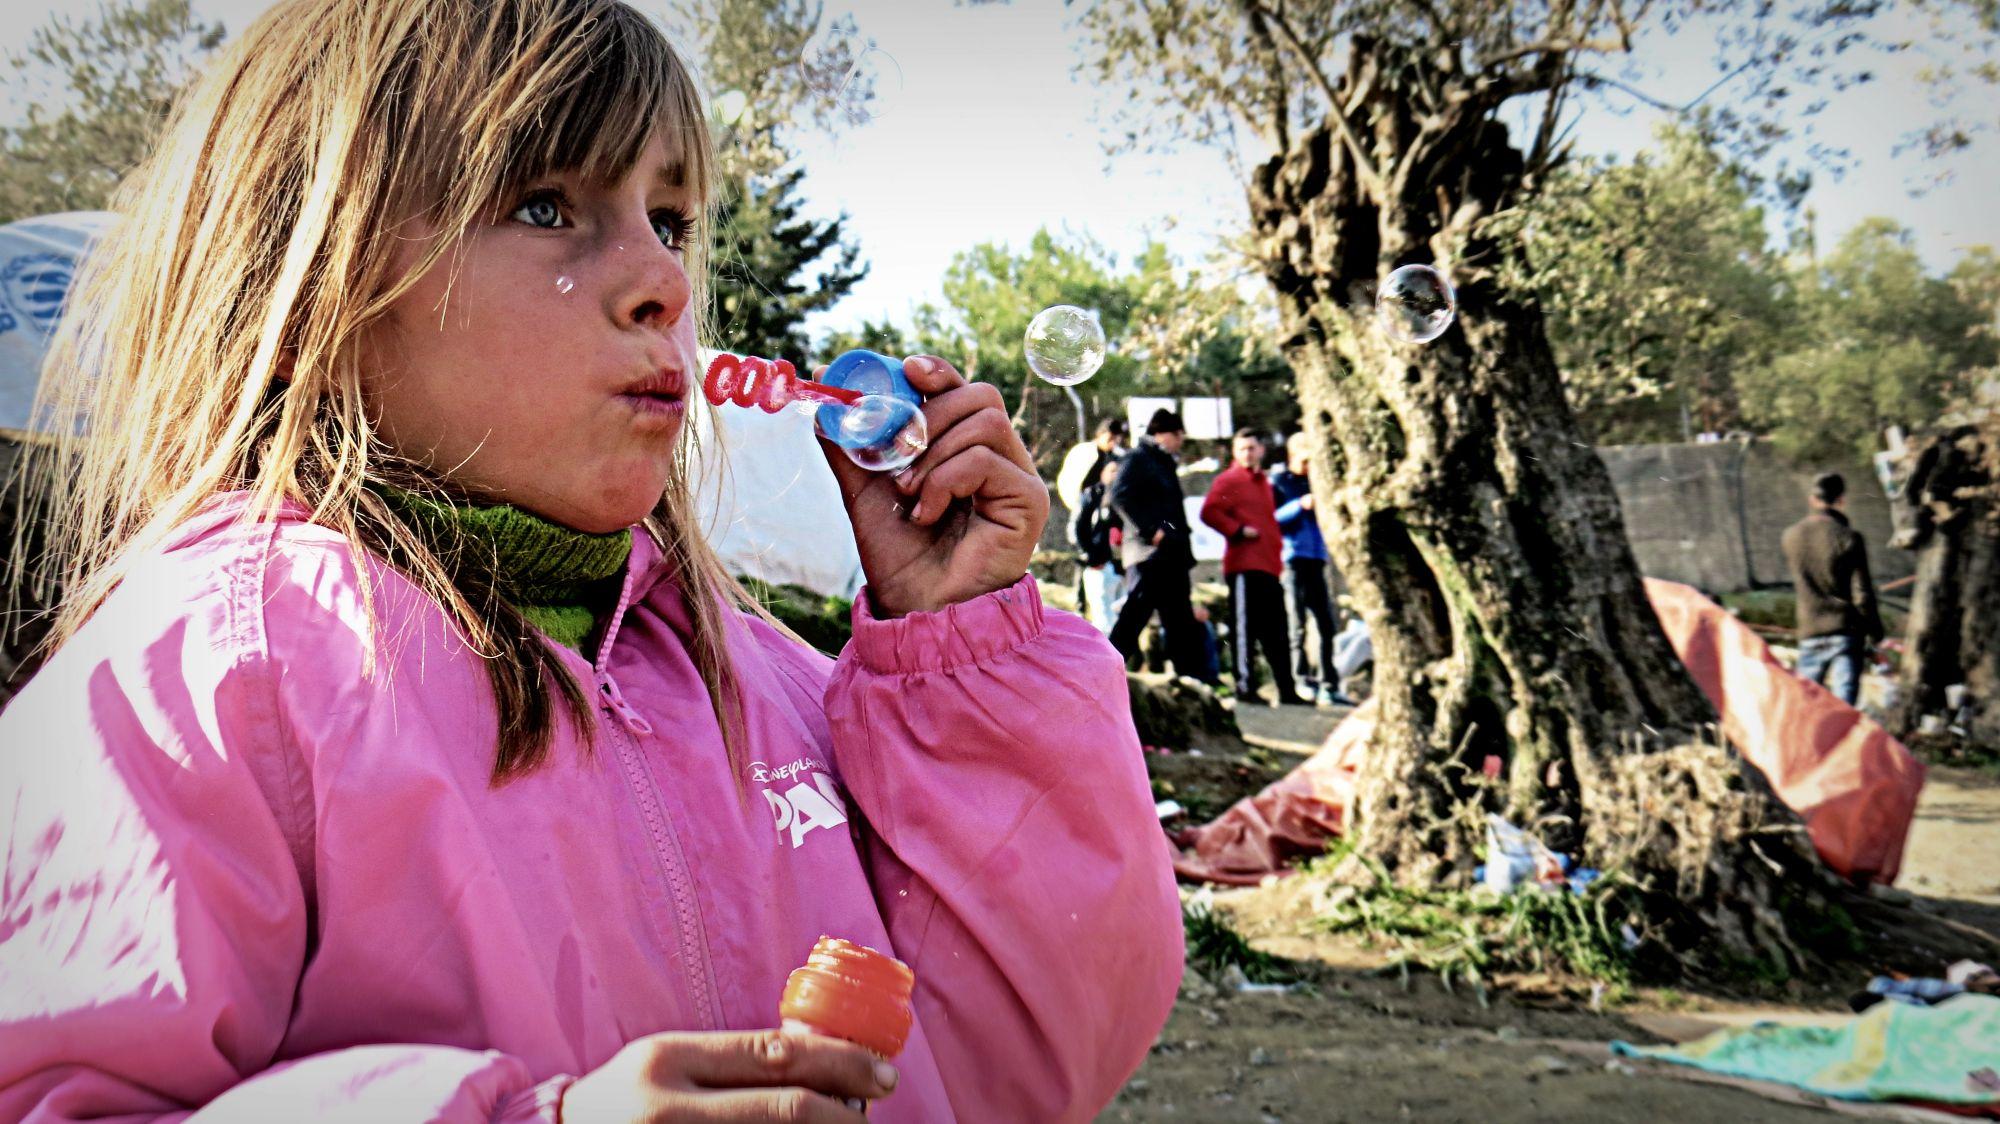 Syryjska dziewczynka puszczająca bańki na Afgańskim Wzgórzu (fot. Archiwum prywatne Aleksandry K. Wiśniewskiej)